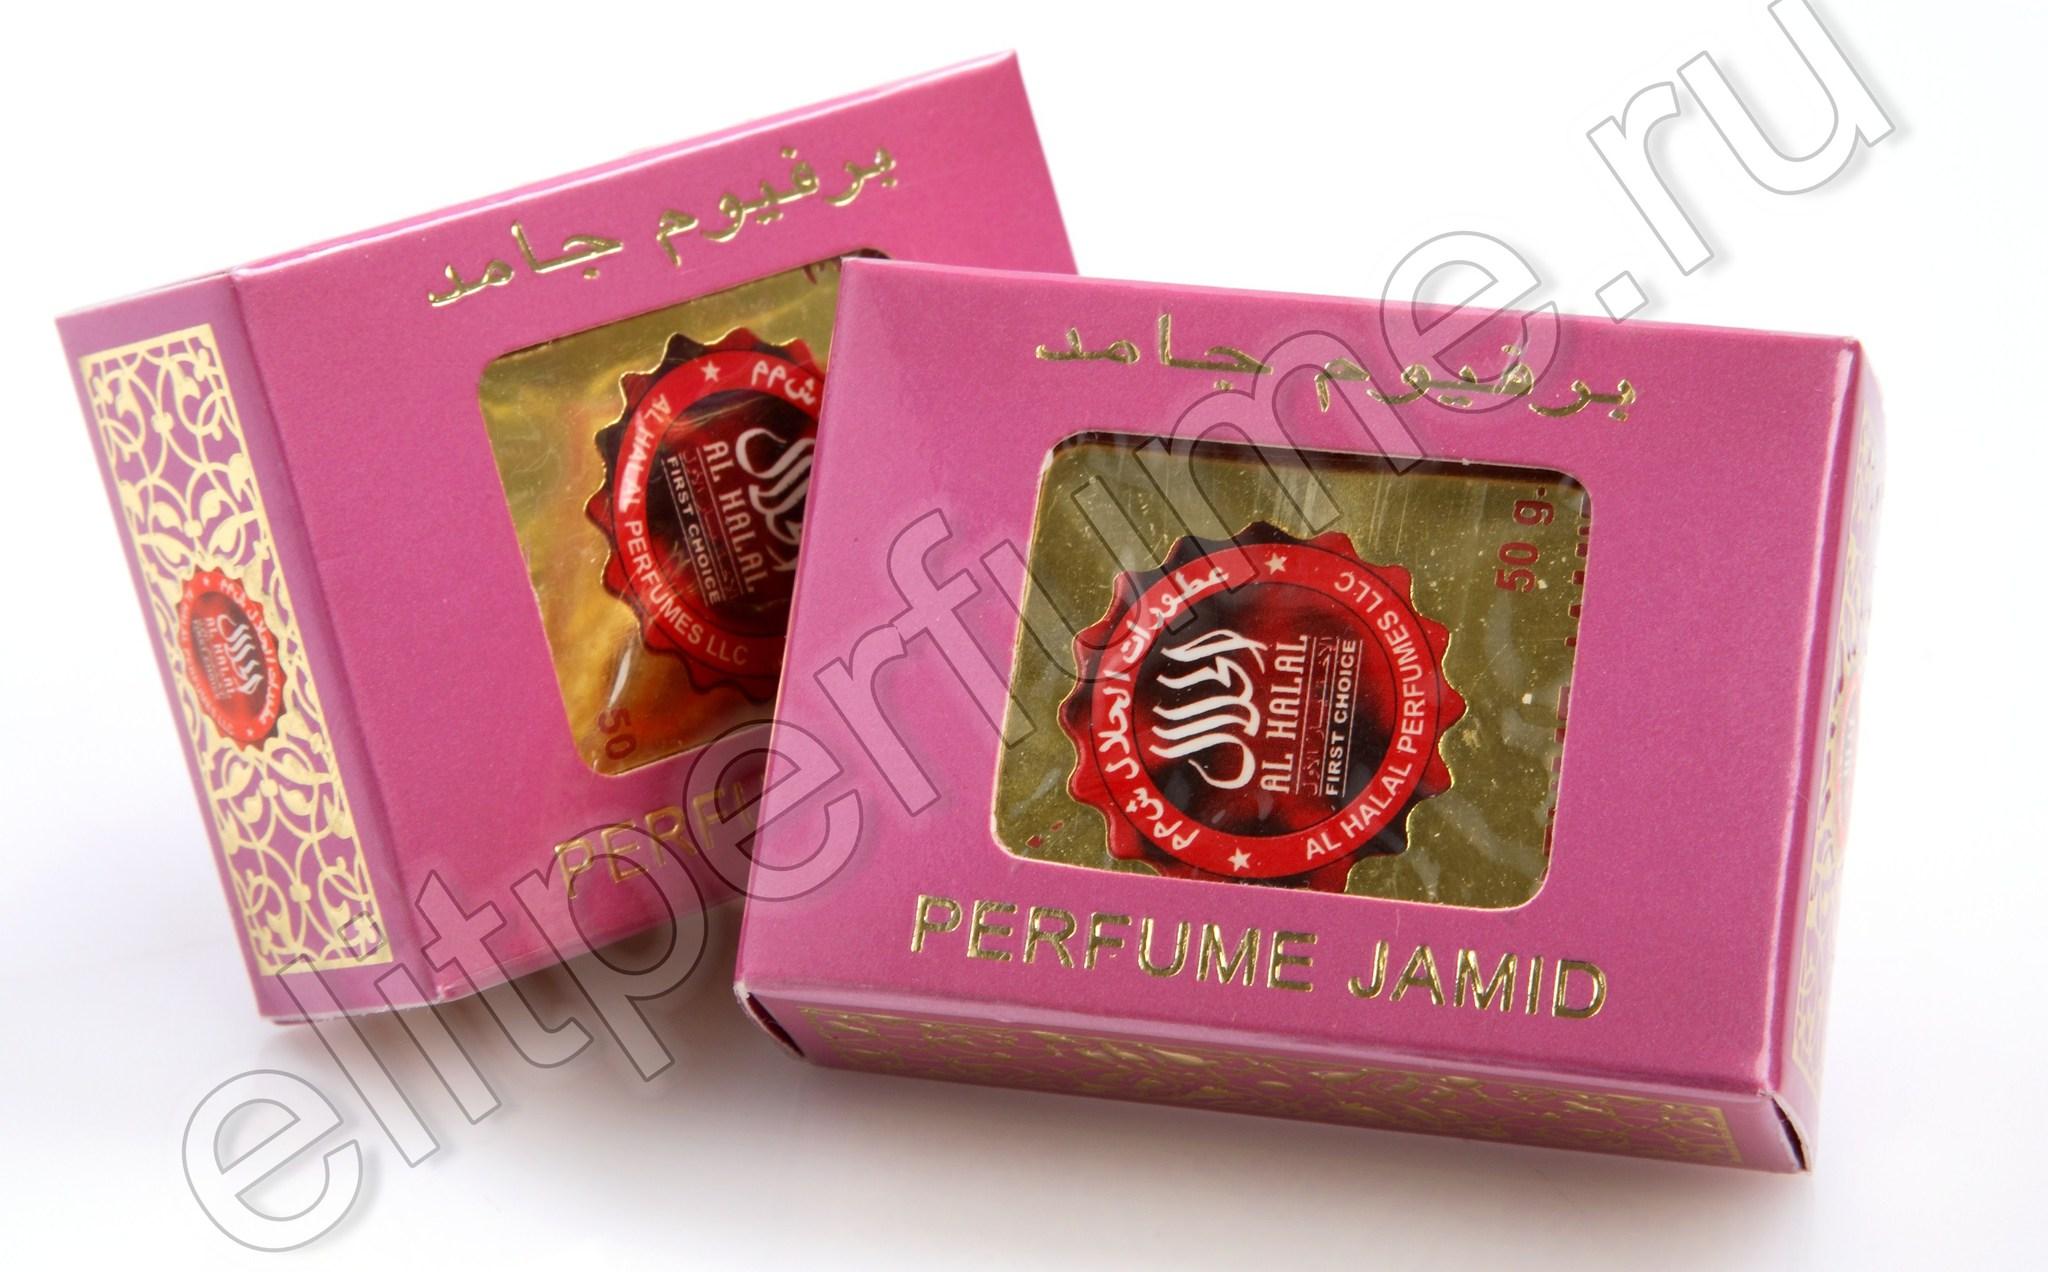 Сухие духи Джамид Musk Perfume Jamid 50 гр. от Аль Харамайн Al Haramain Perfumes